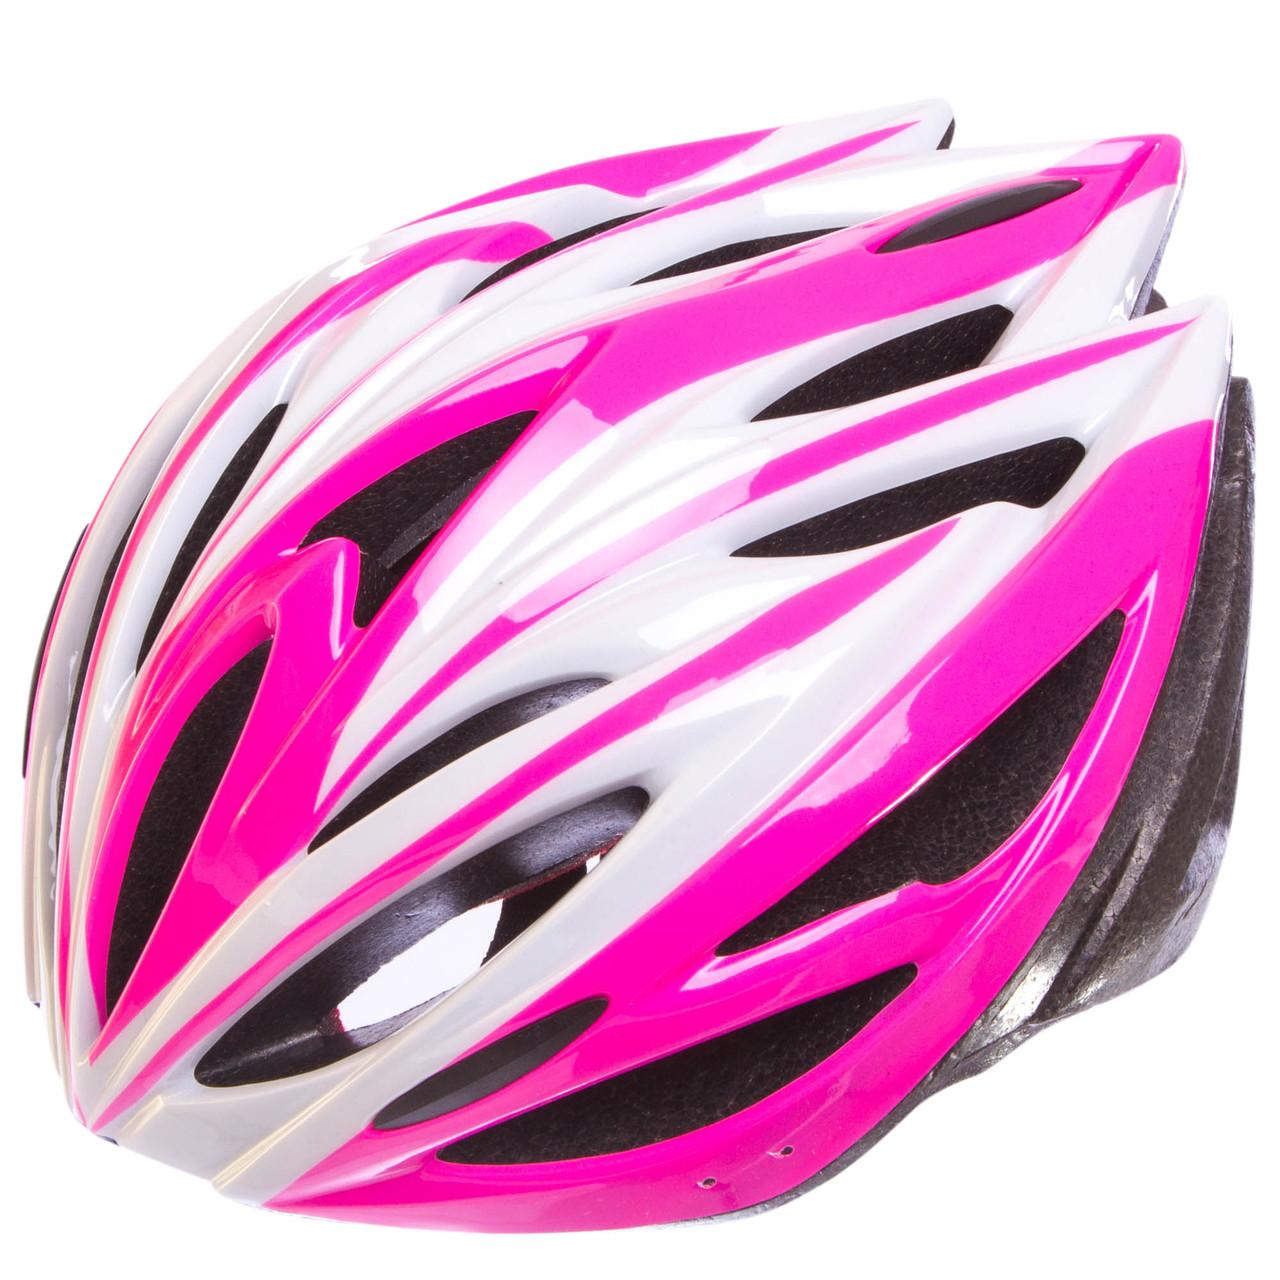 Шлем защитный с механизмом регулировки Zelart, EPS, PE, р-р L-54-56, 12 отверстий, розовый (SK-5612)